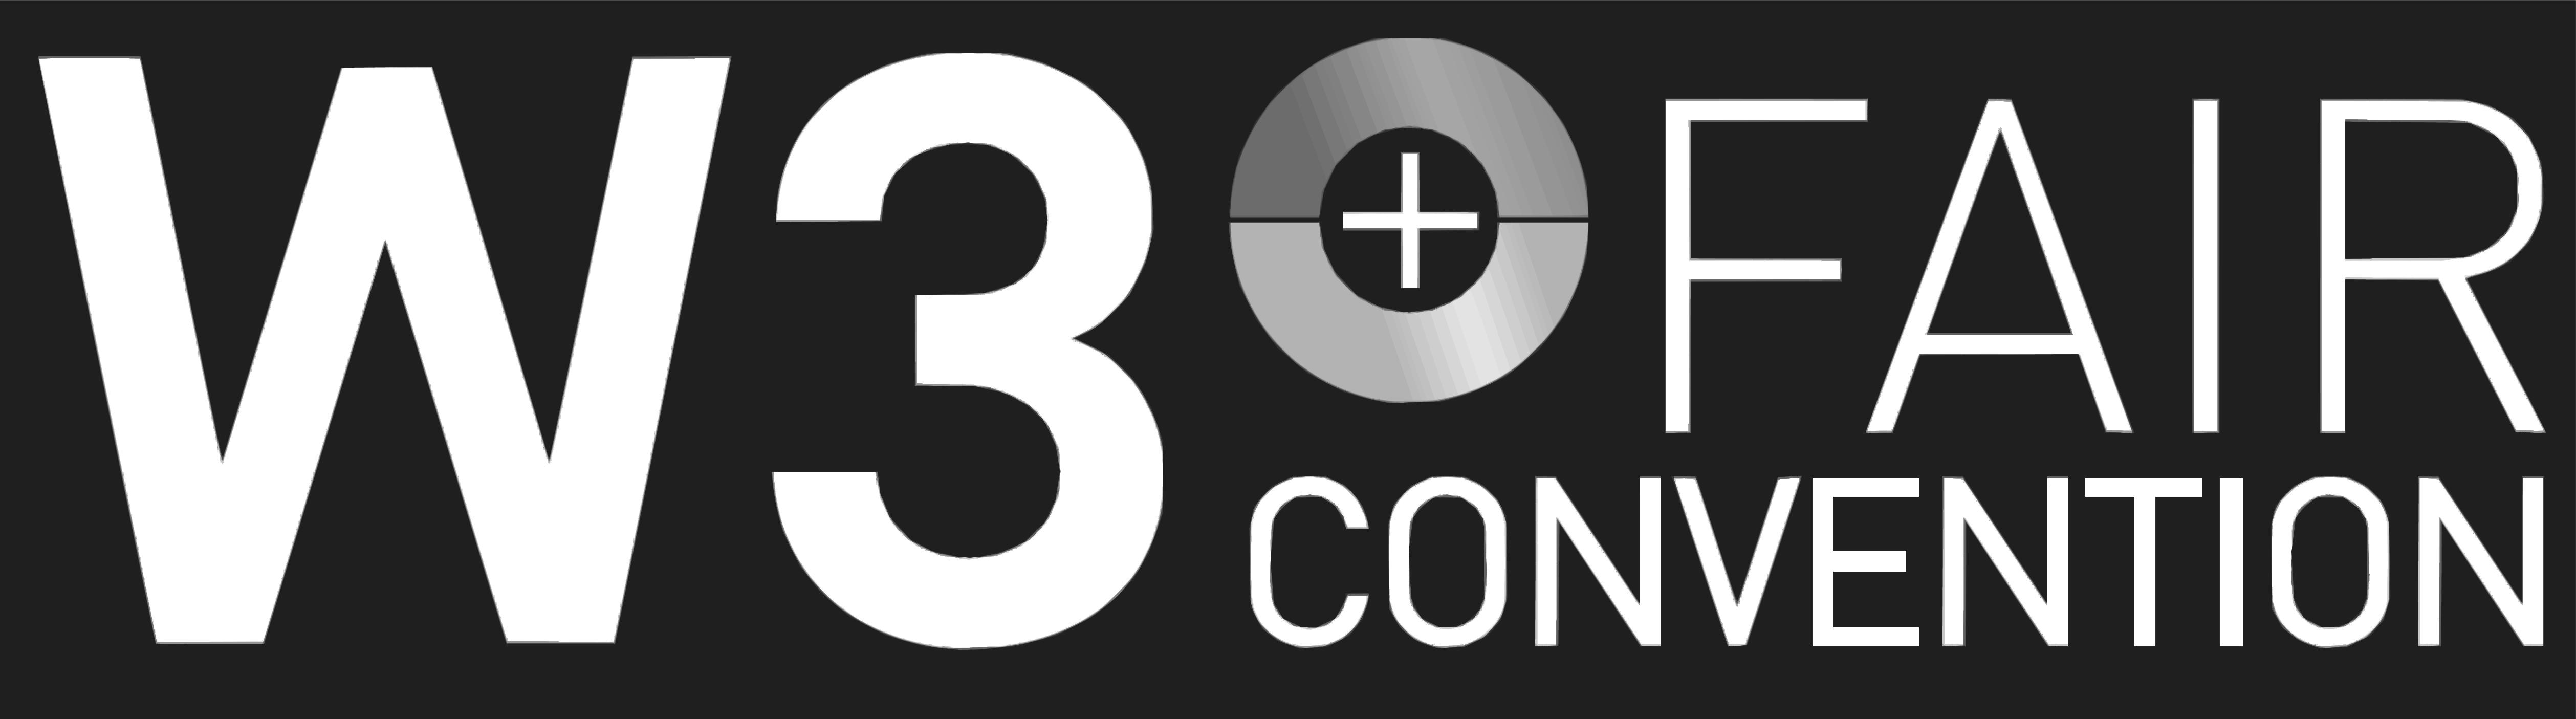 logo_w3_fair